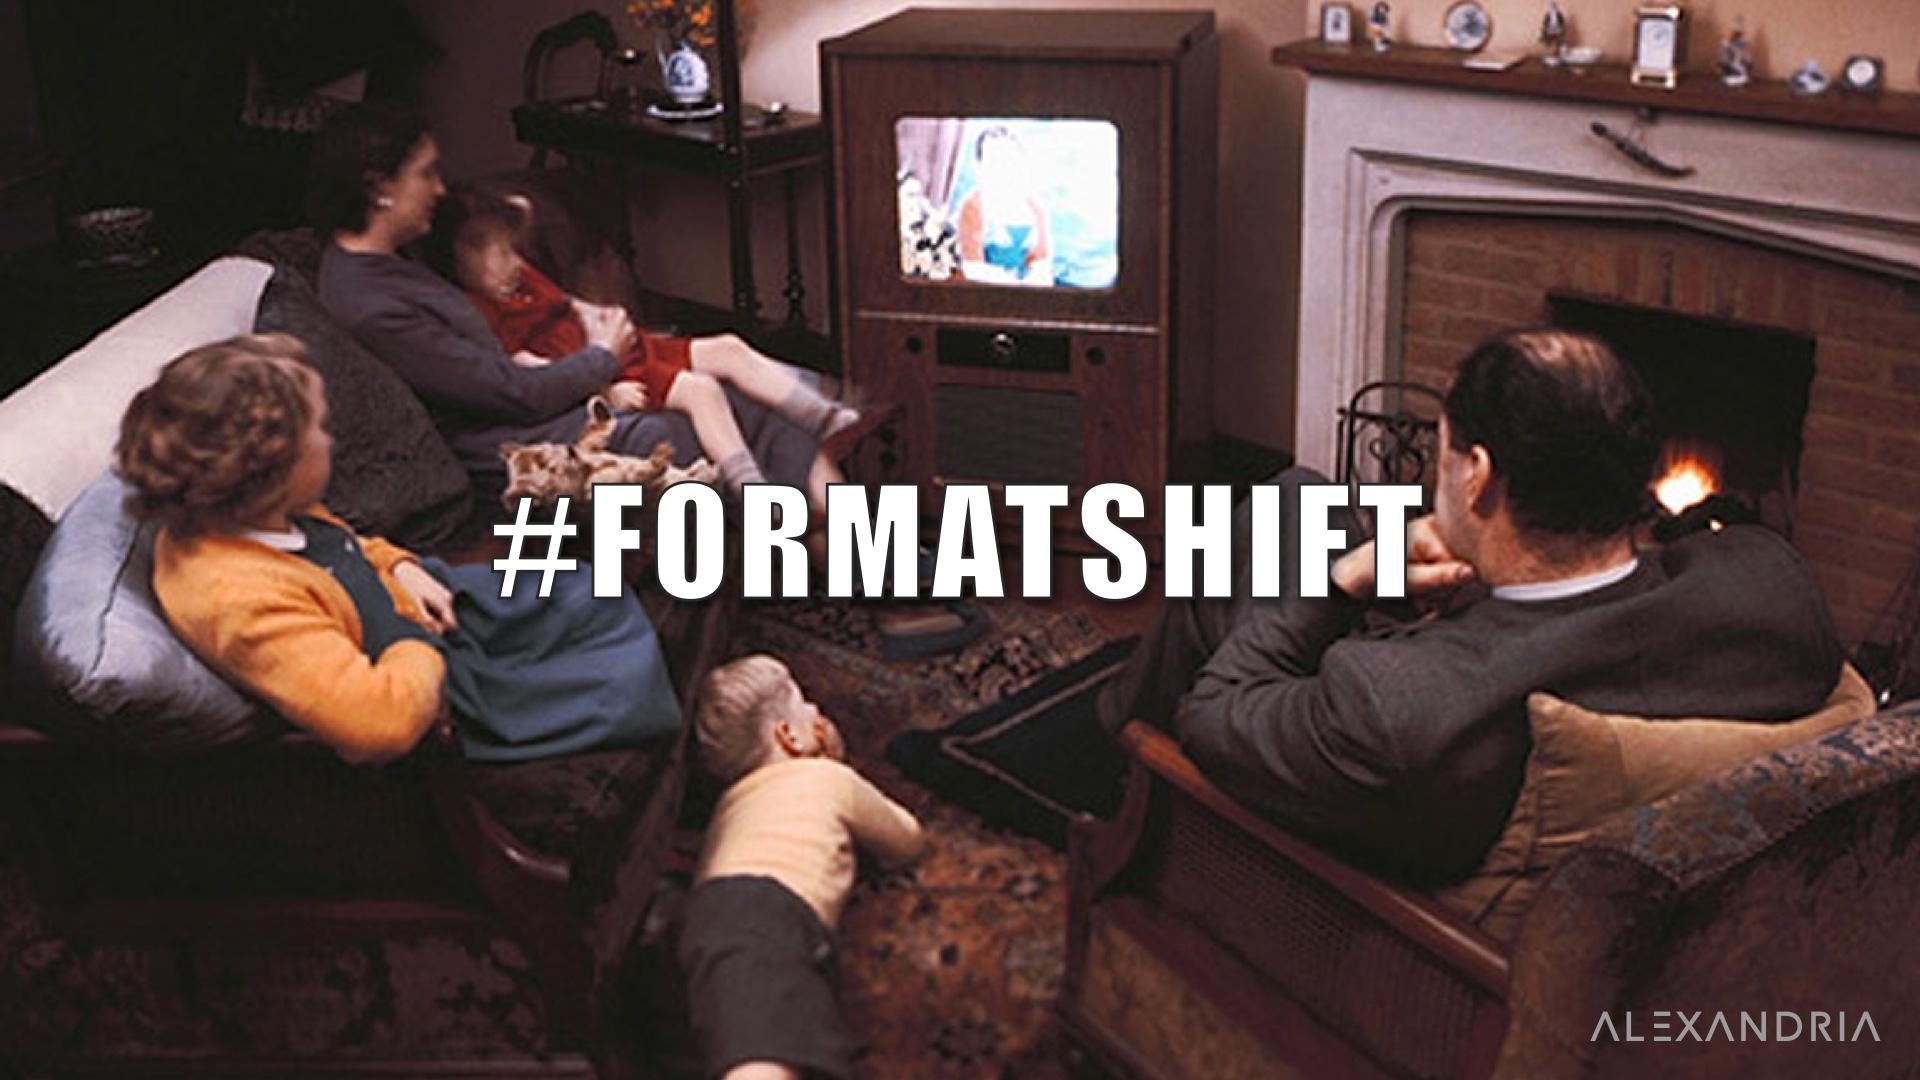 04 formatshift 4.jpg